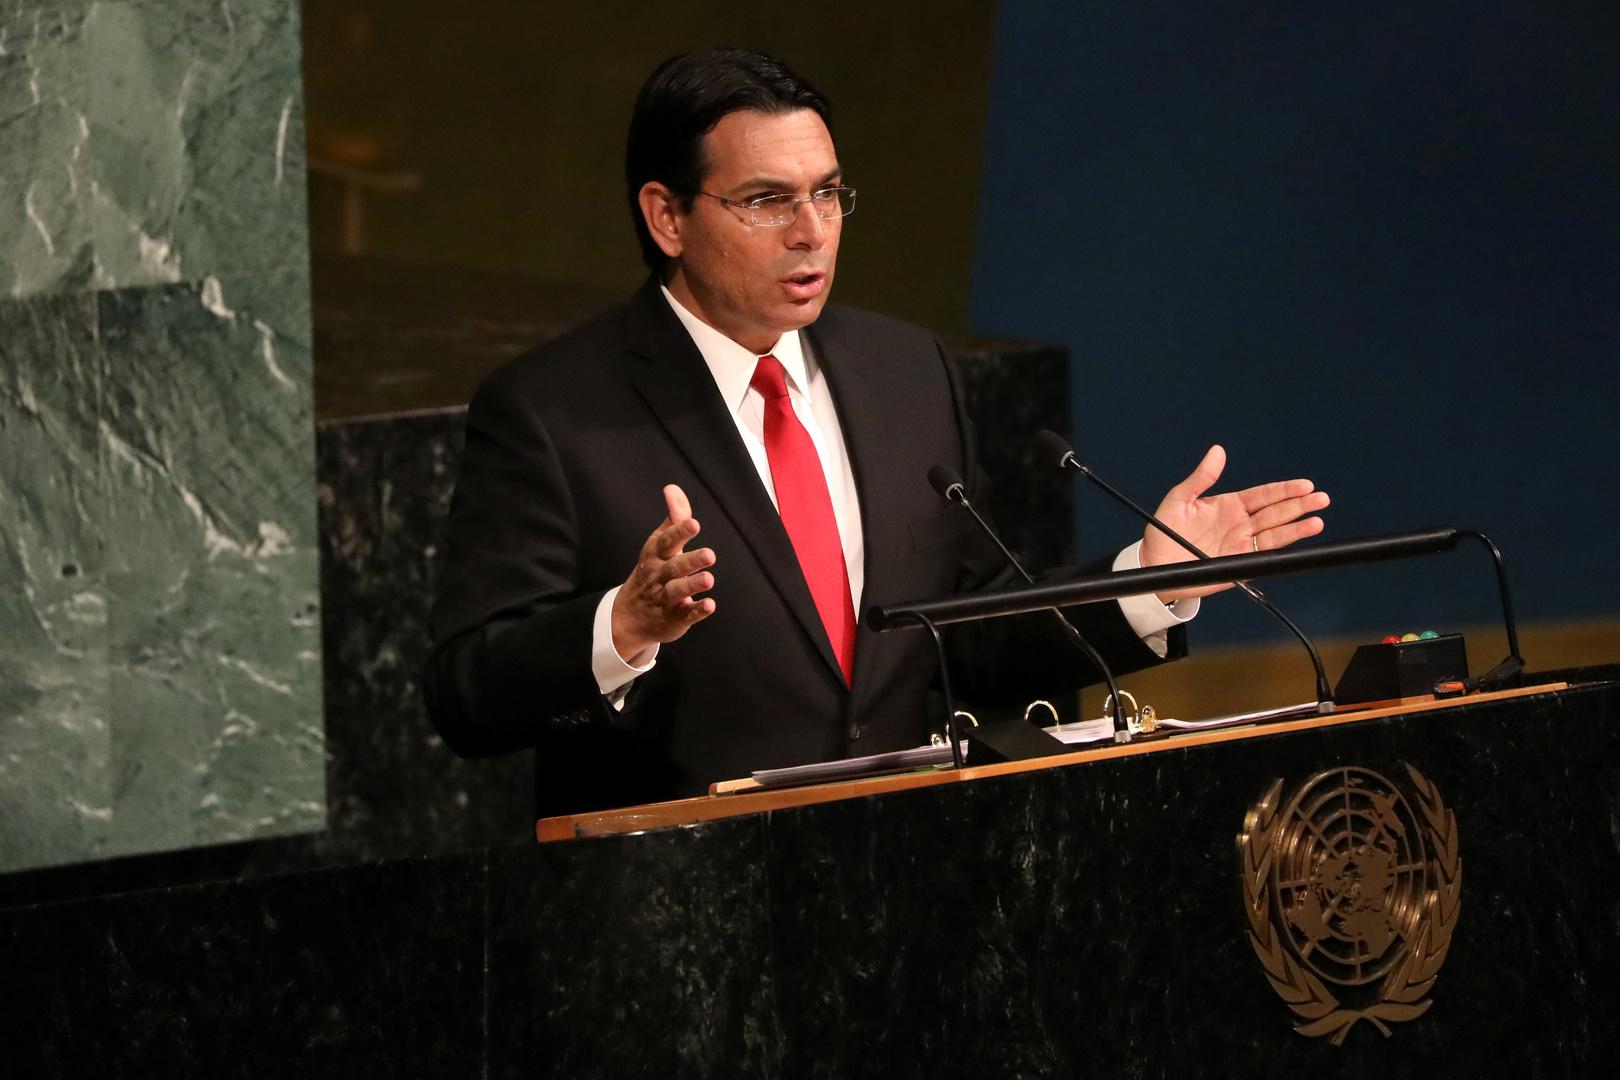 إسرائيل.. أكثر من 60 سفيرا يحضرون أول حدث دبلوماسي بزمن كورونا